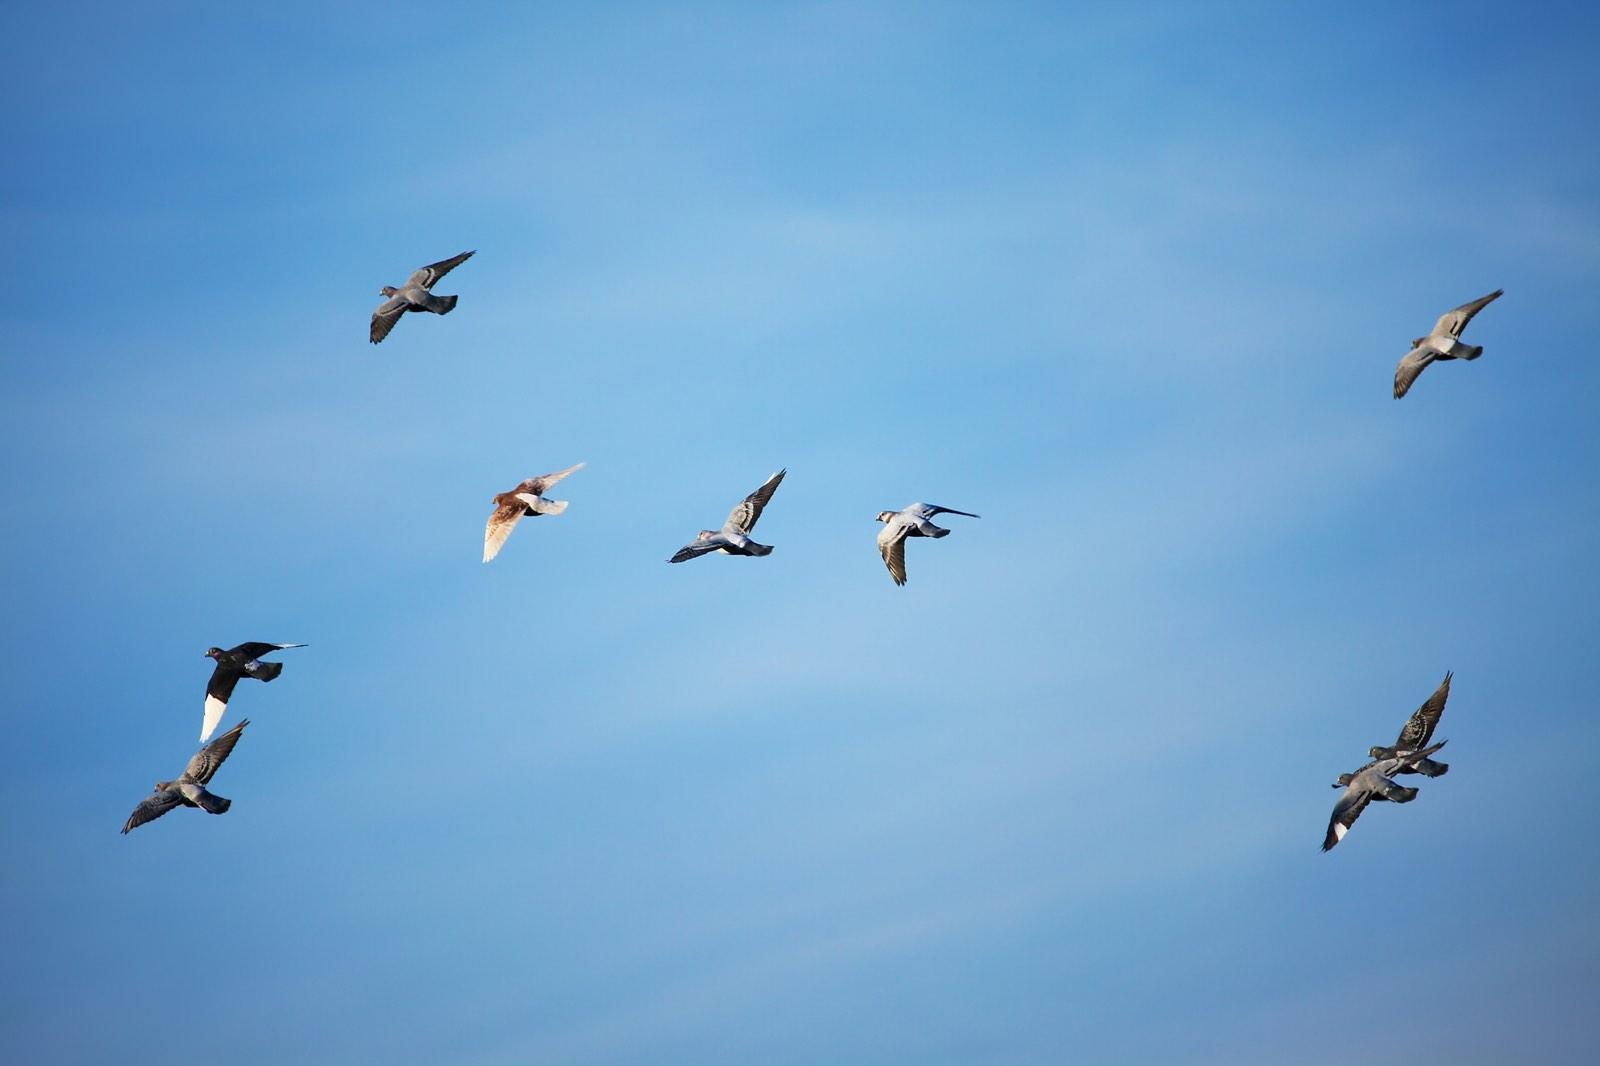 vogels glijden in blauwe lucht